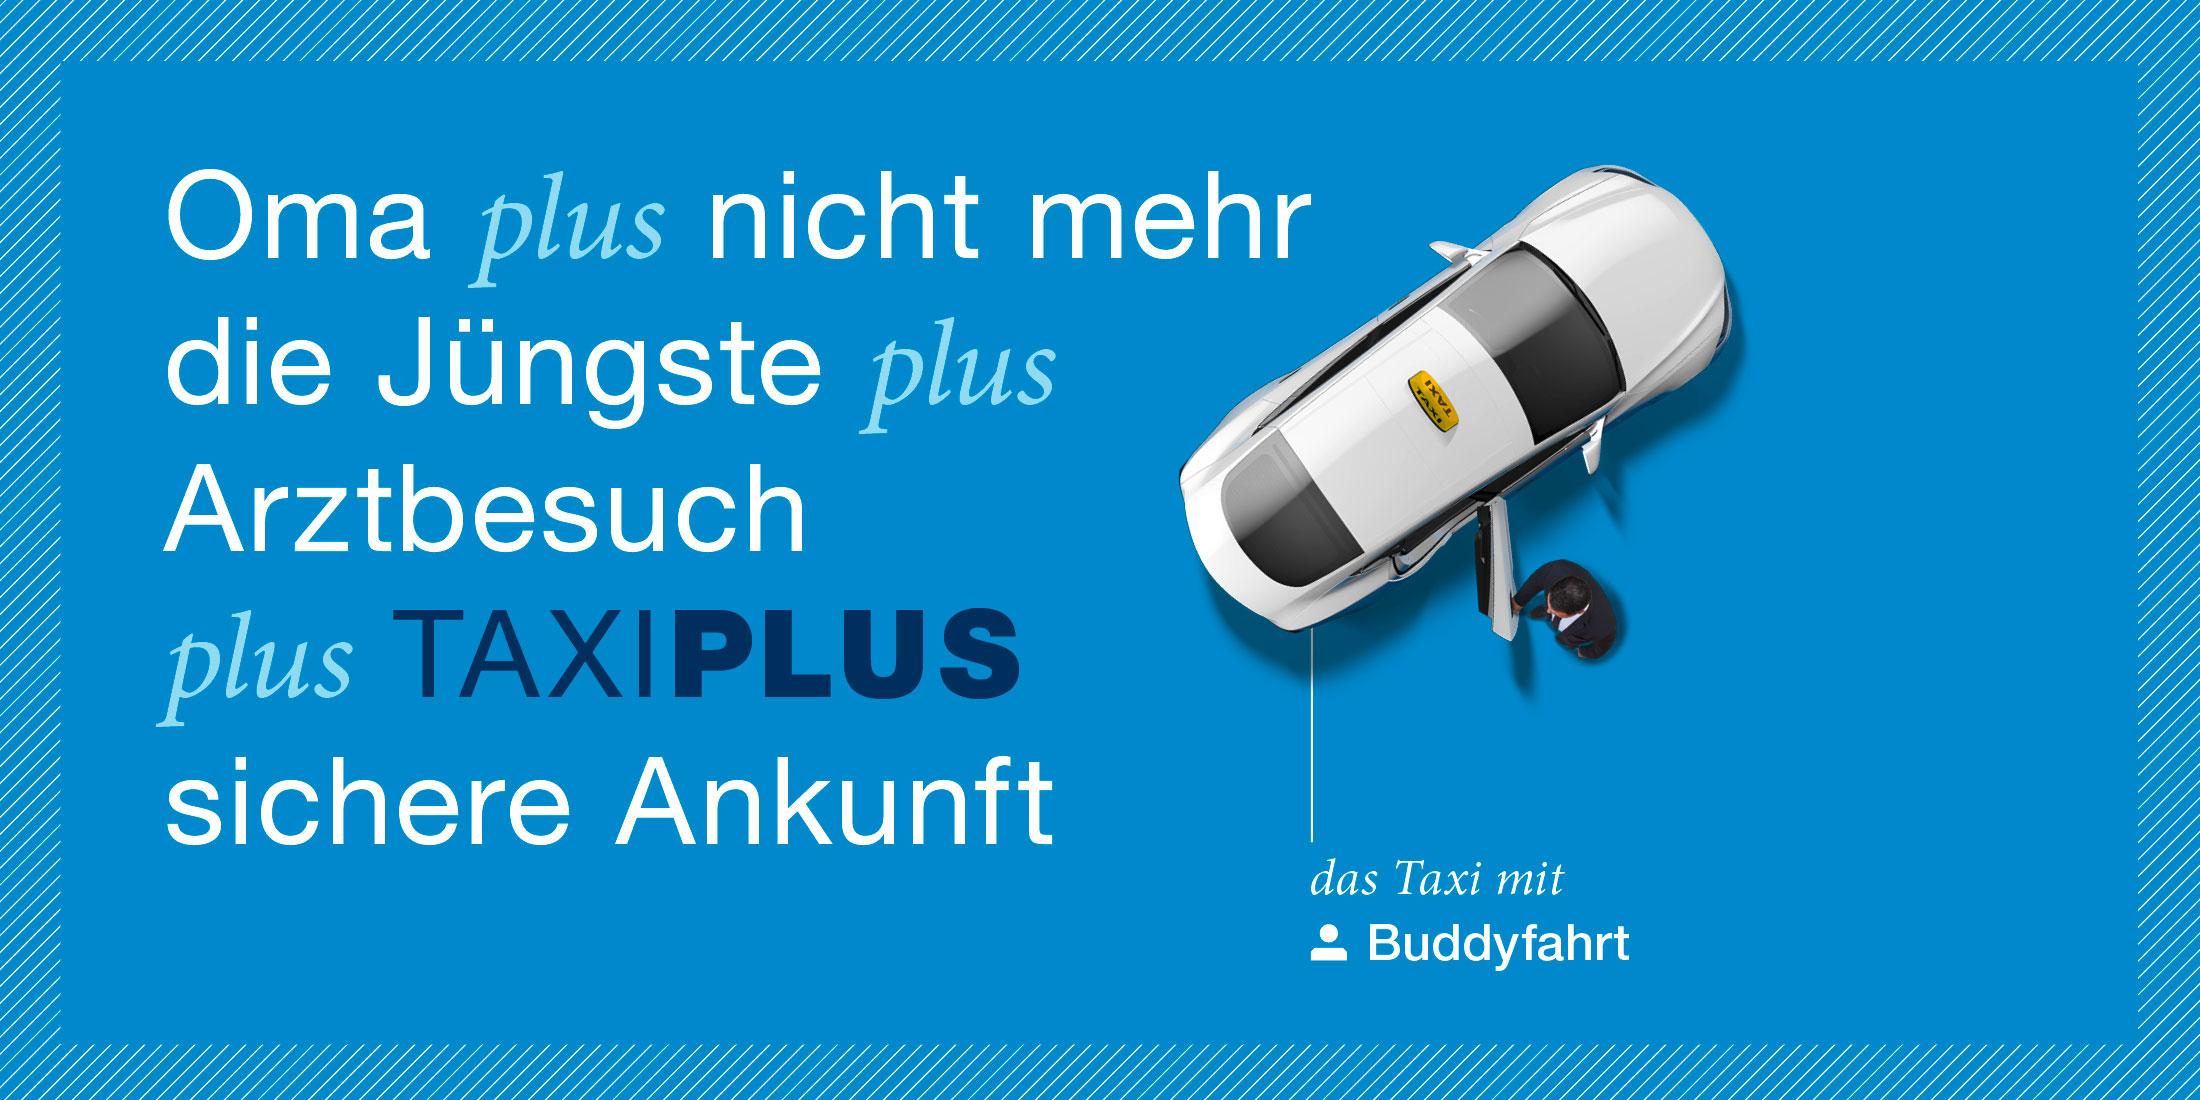 Es ist ein Werbesujet von TaxiPlus zu sehen. Die Headline lautet Oma plus nicht mehr die Jüngste plus Arztbesuch plus TAXIPLUS sichere Ankunft. Zu sehen ist ein TaxiPlus aus der Vogelperspektive. Ein Lenker hält die Hintertür auf. Ein Pfeil zeigt auf das Fahrzeug mit der Nachricht